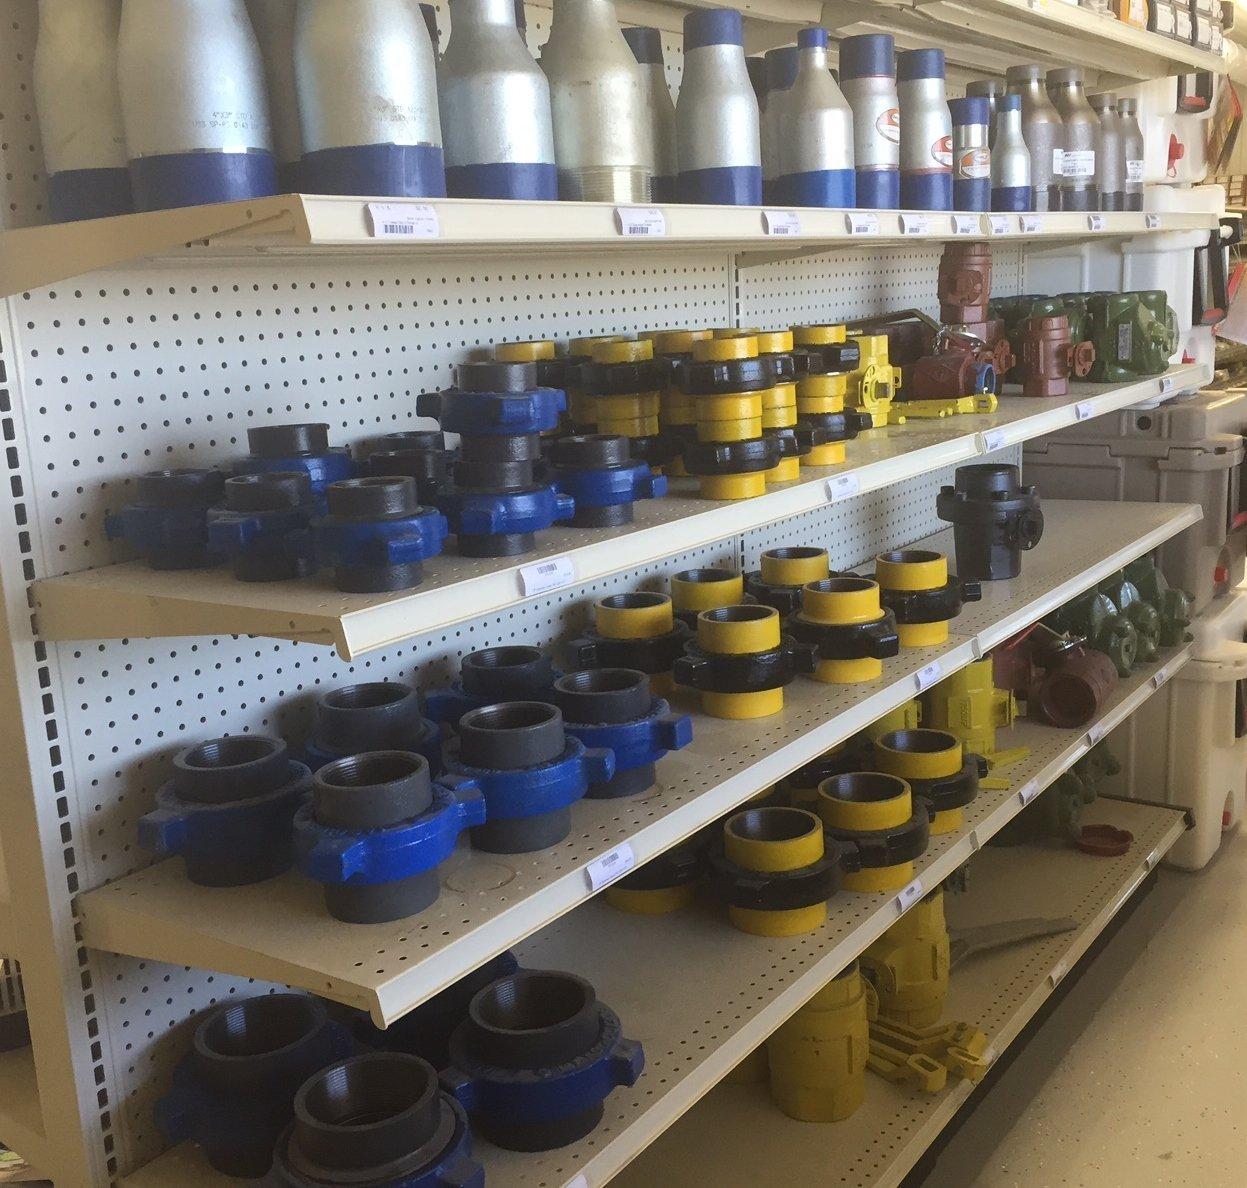 oilfield equipment rentals in San Angelo, TX